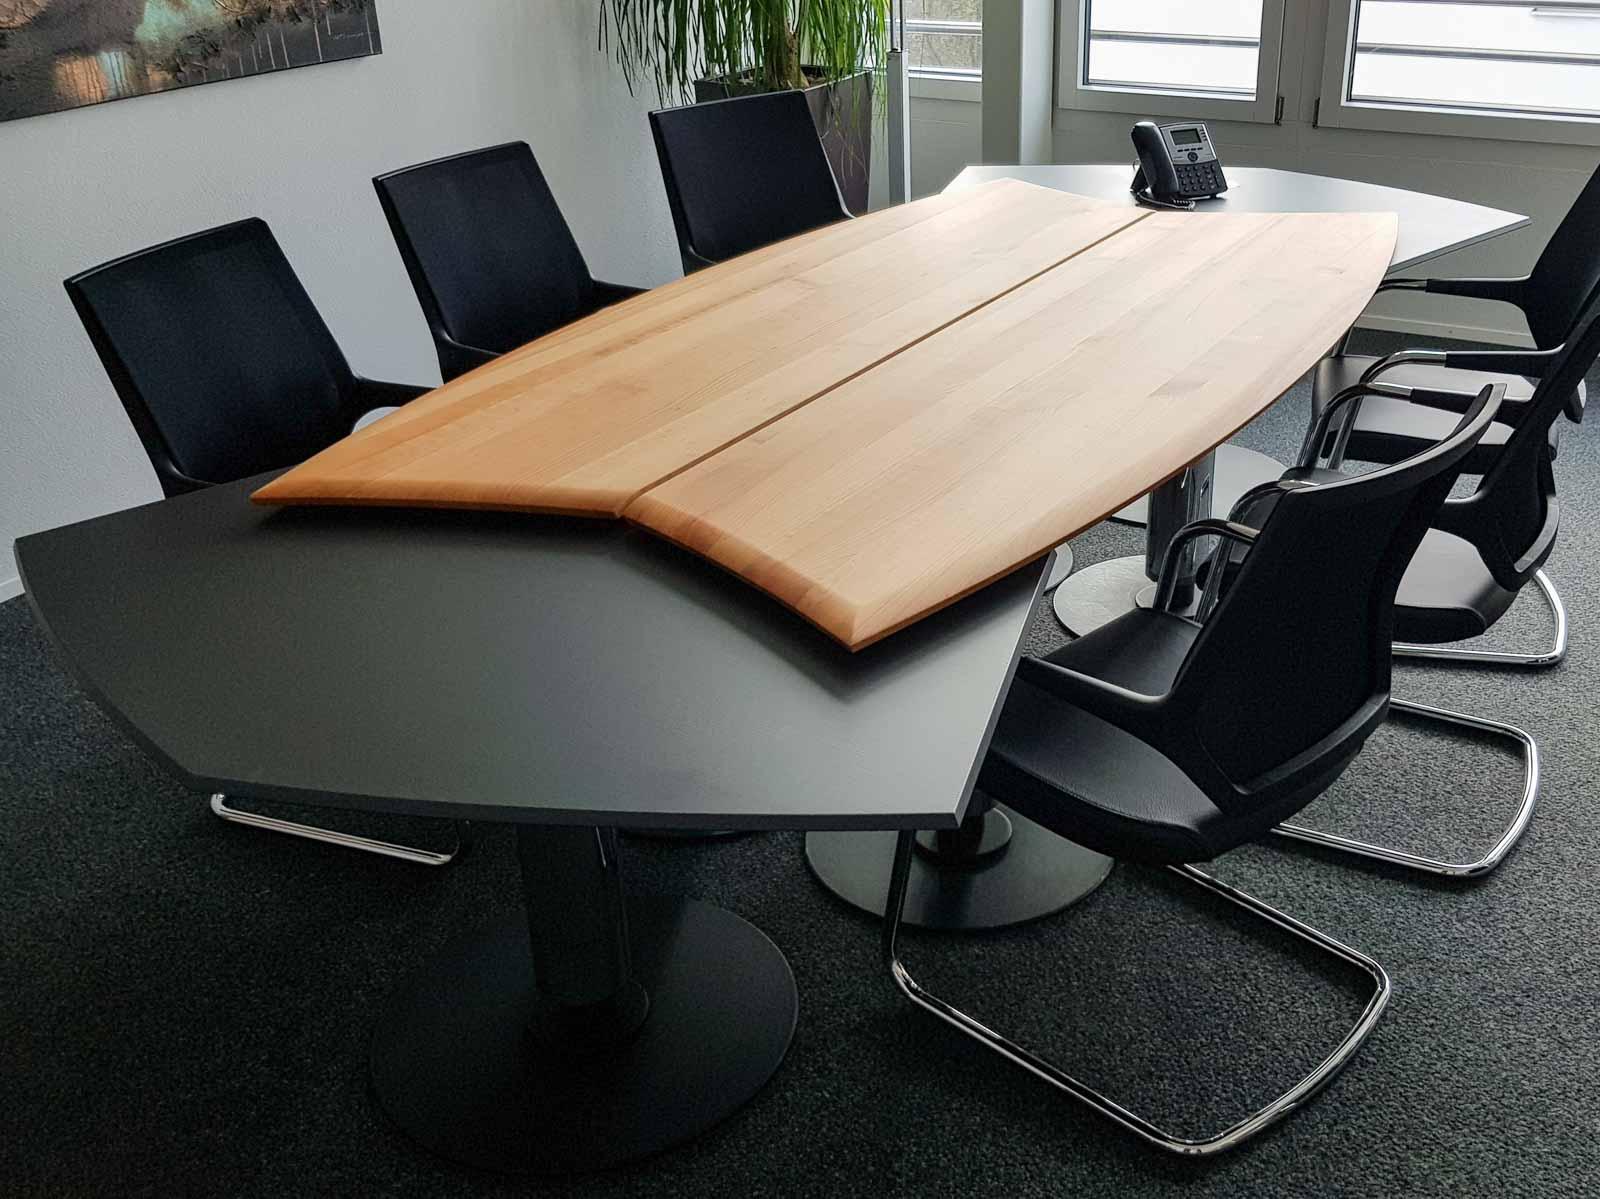 Wooddesign_Tisch_rund_Kirschbaum massiv_Tischverlängerung anthrazit_Sitzungstisch (1)